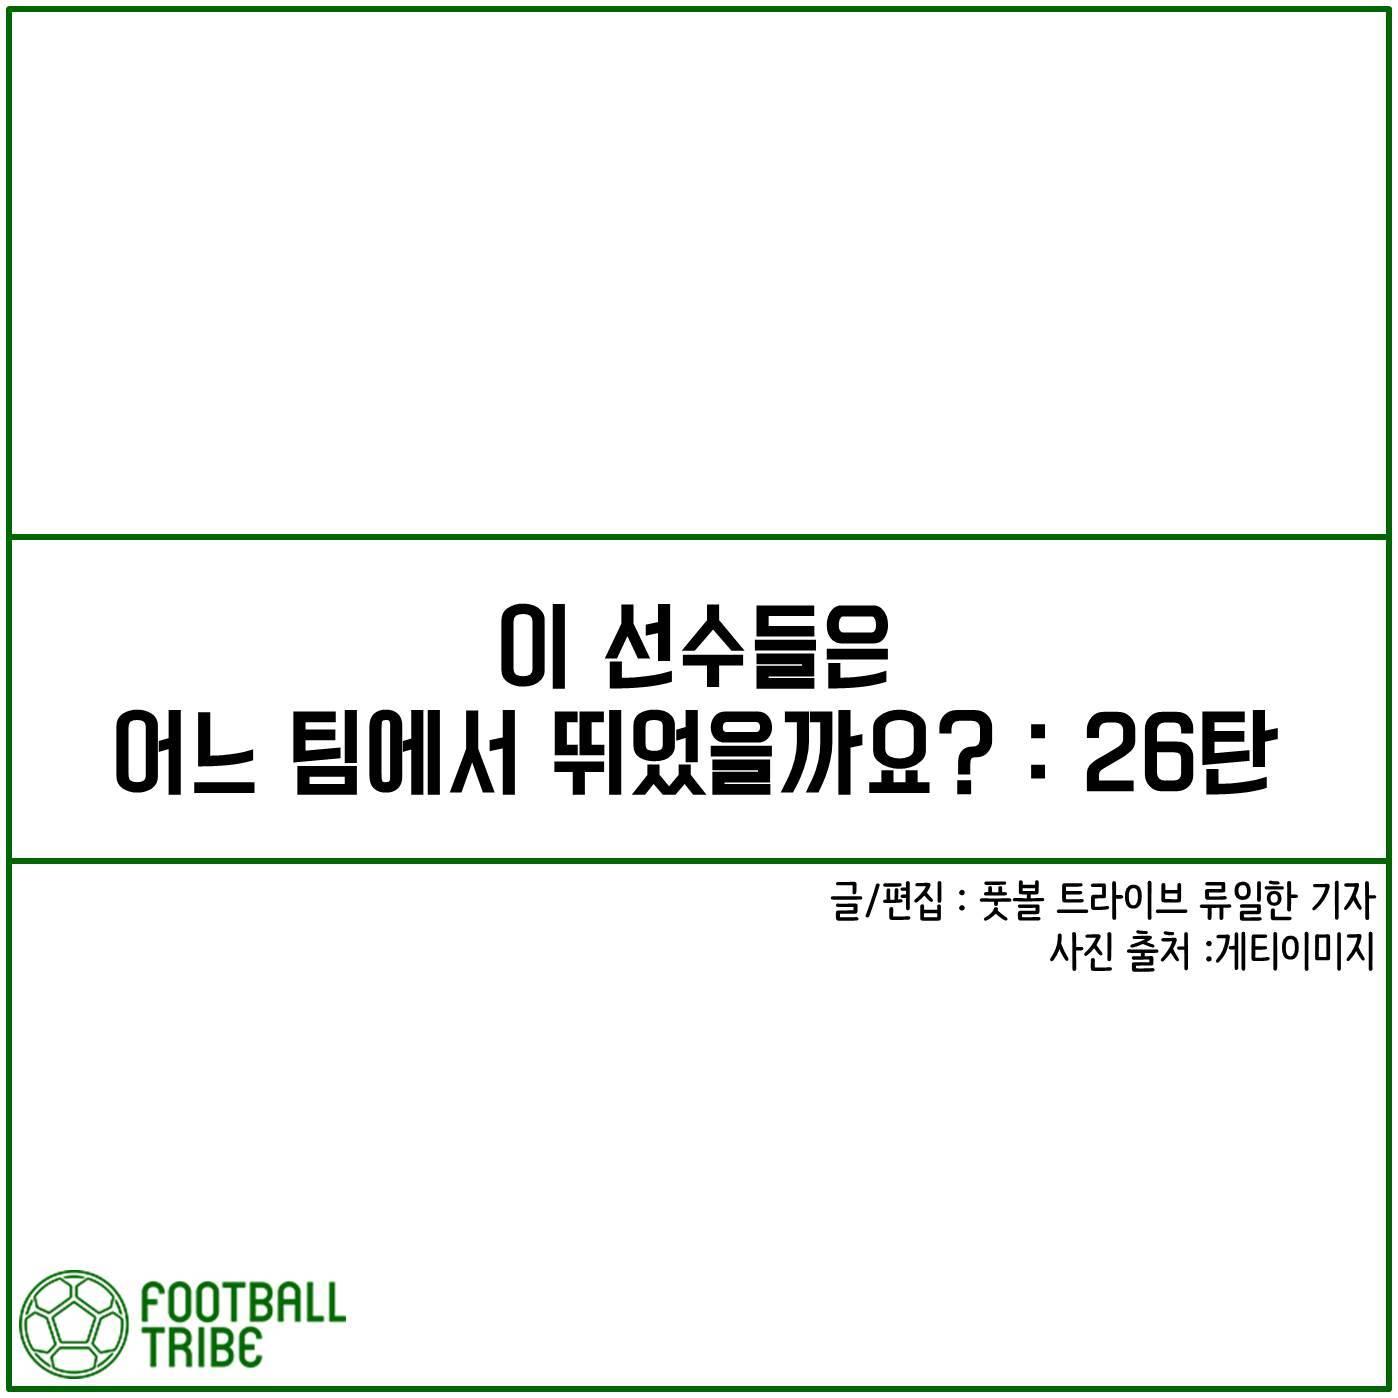 [카드 뉴스] 이 선수들은 어느 팀에서 뛰었을까요?: 26탄